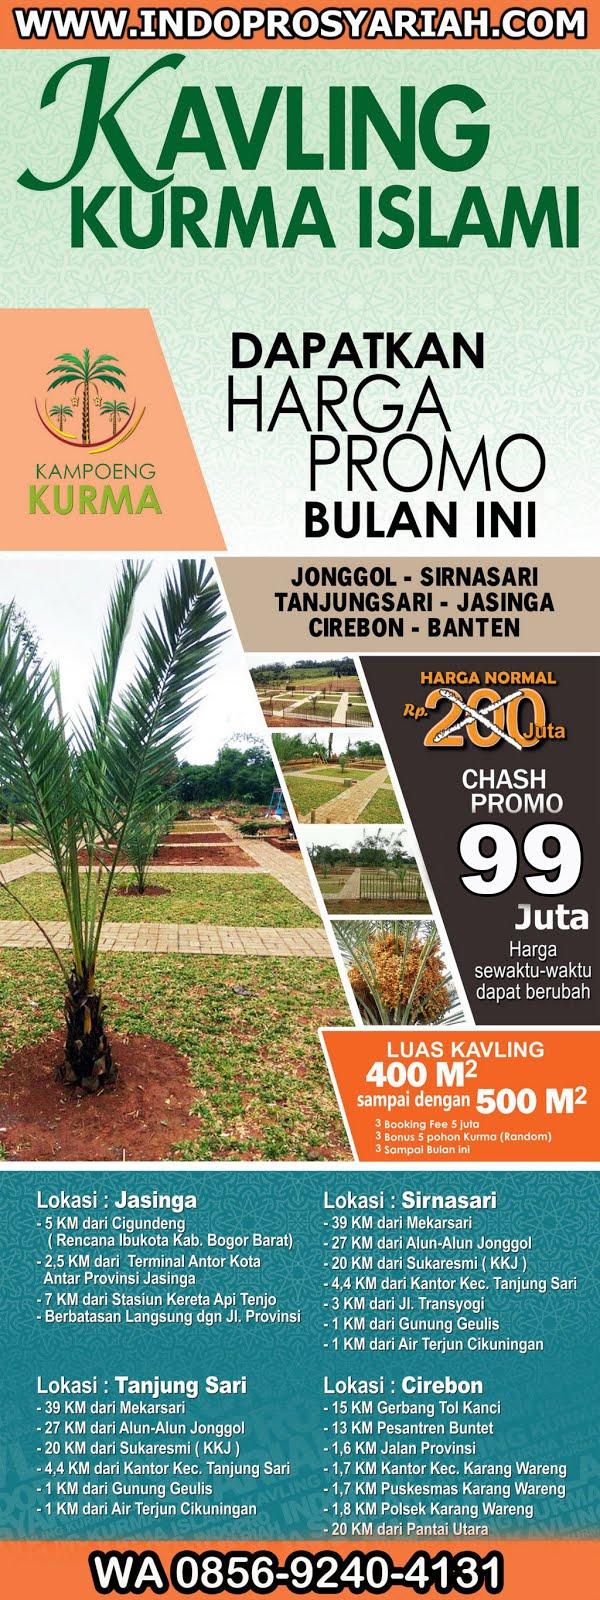 Gathering Kampung Kurma